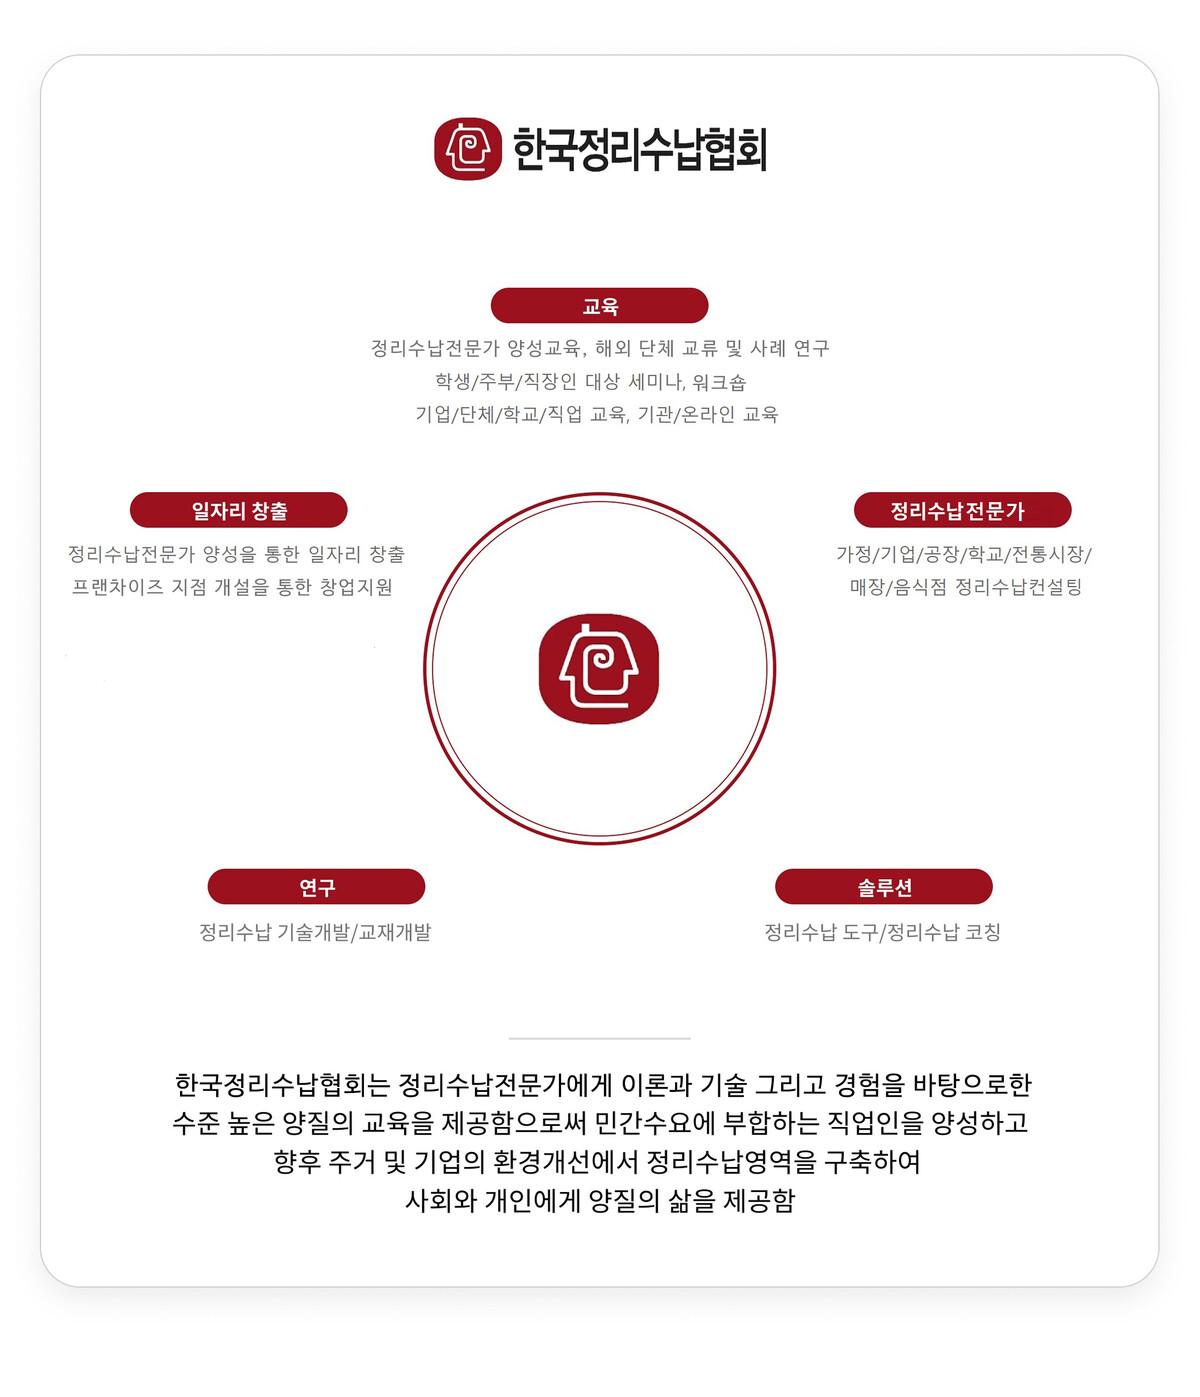 한정협_주요사업_수정.jpg